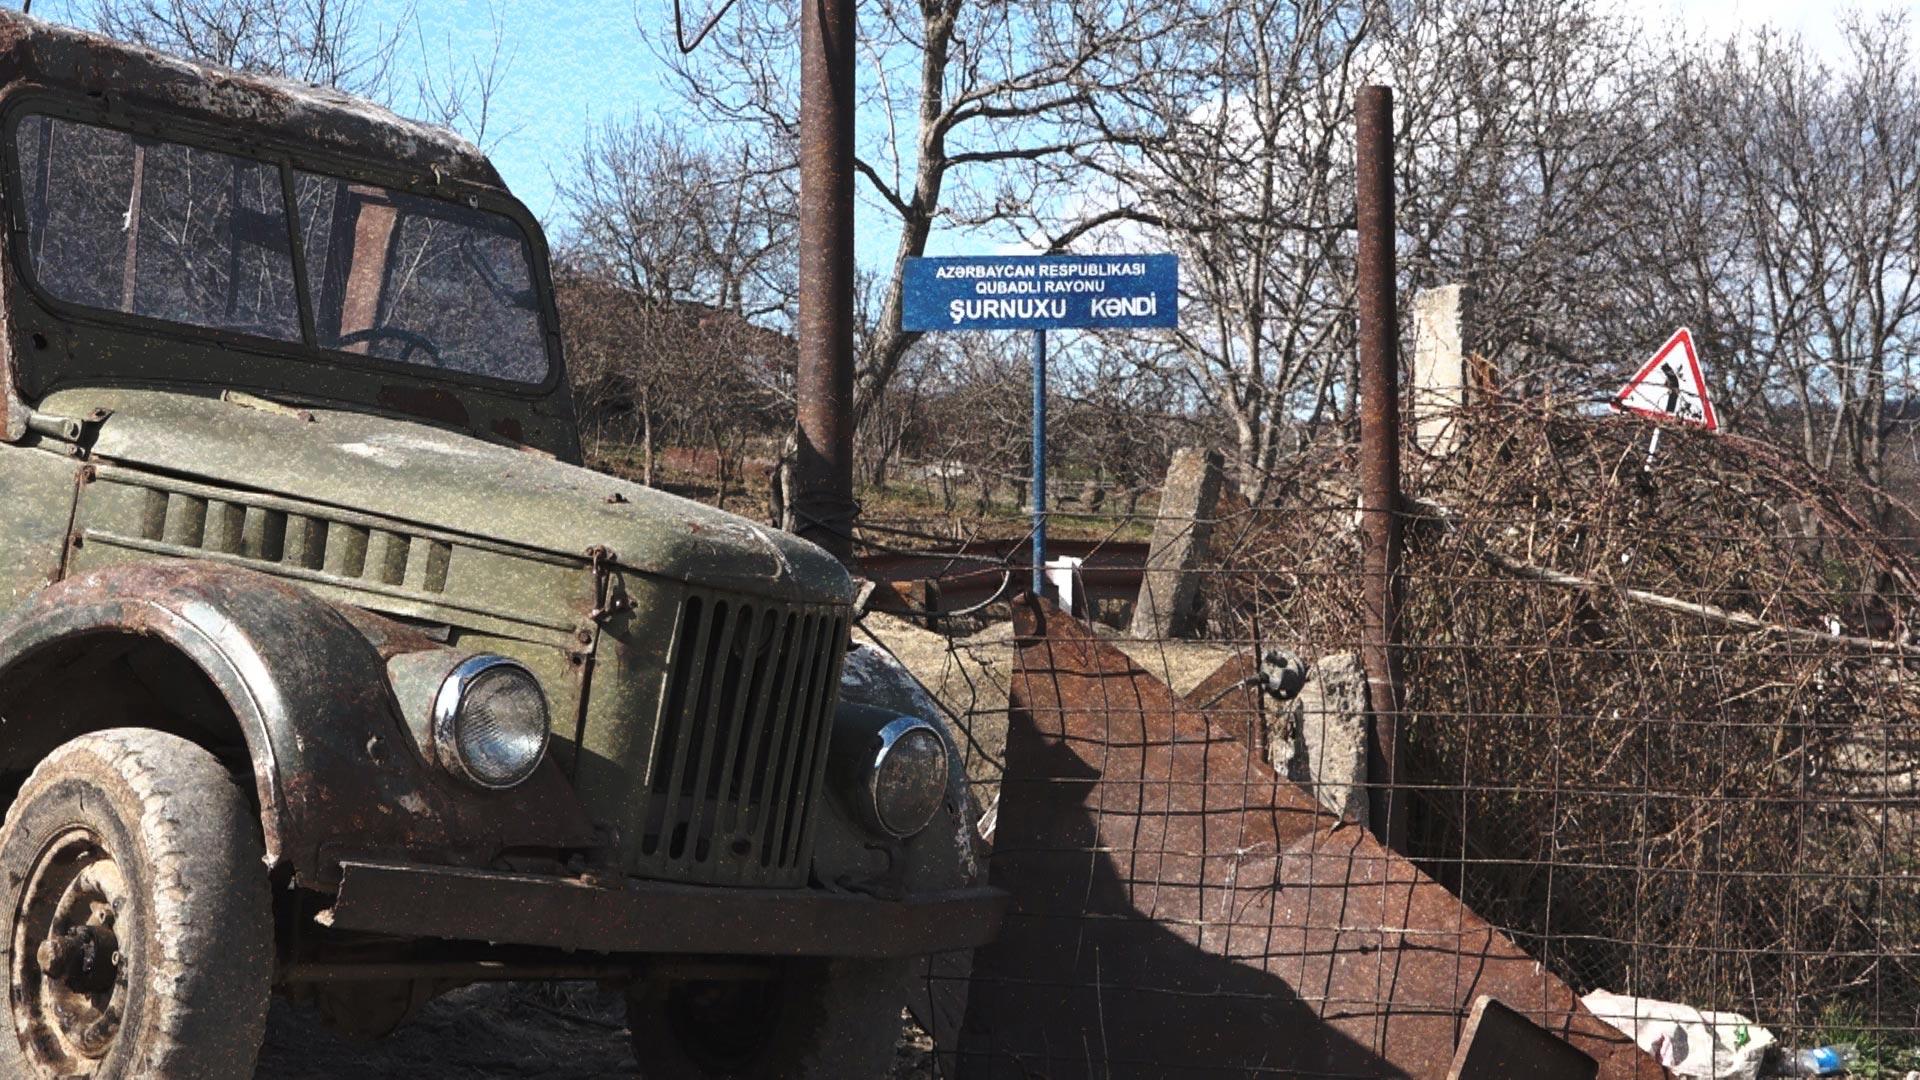 nagornyi karabax reportage 01 - <b>Новая старая граница:</b> почему армянские села оказались на территории Азербайджана - Заборона